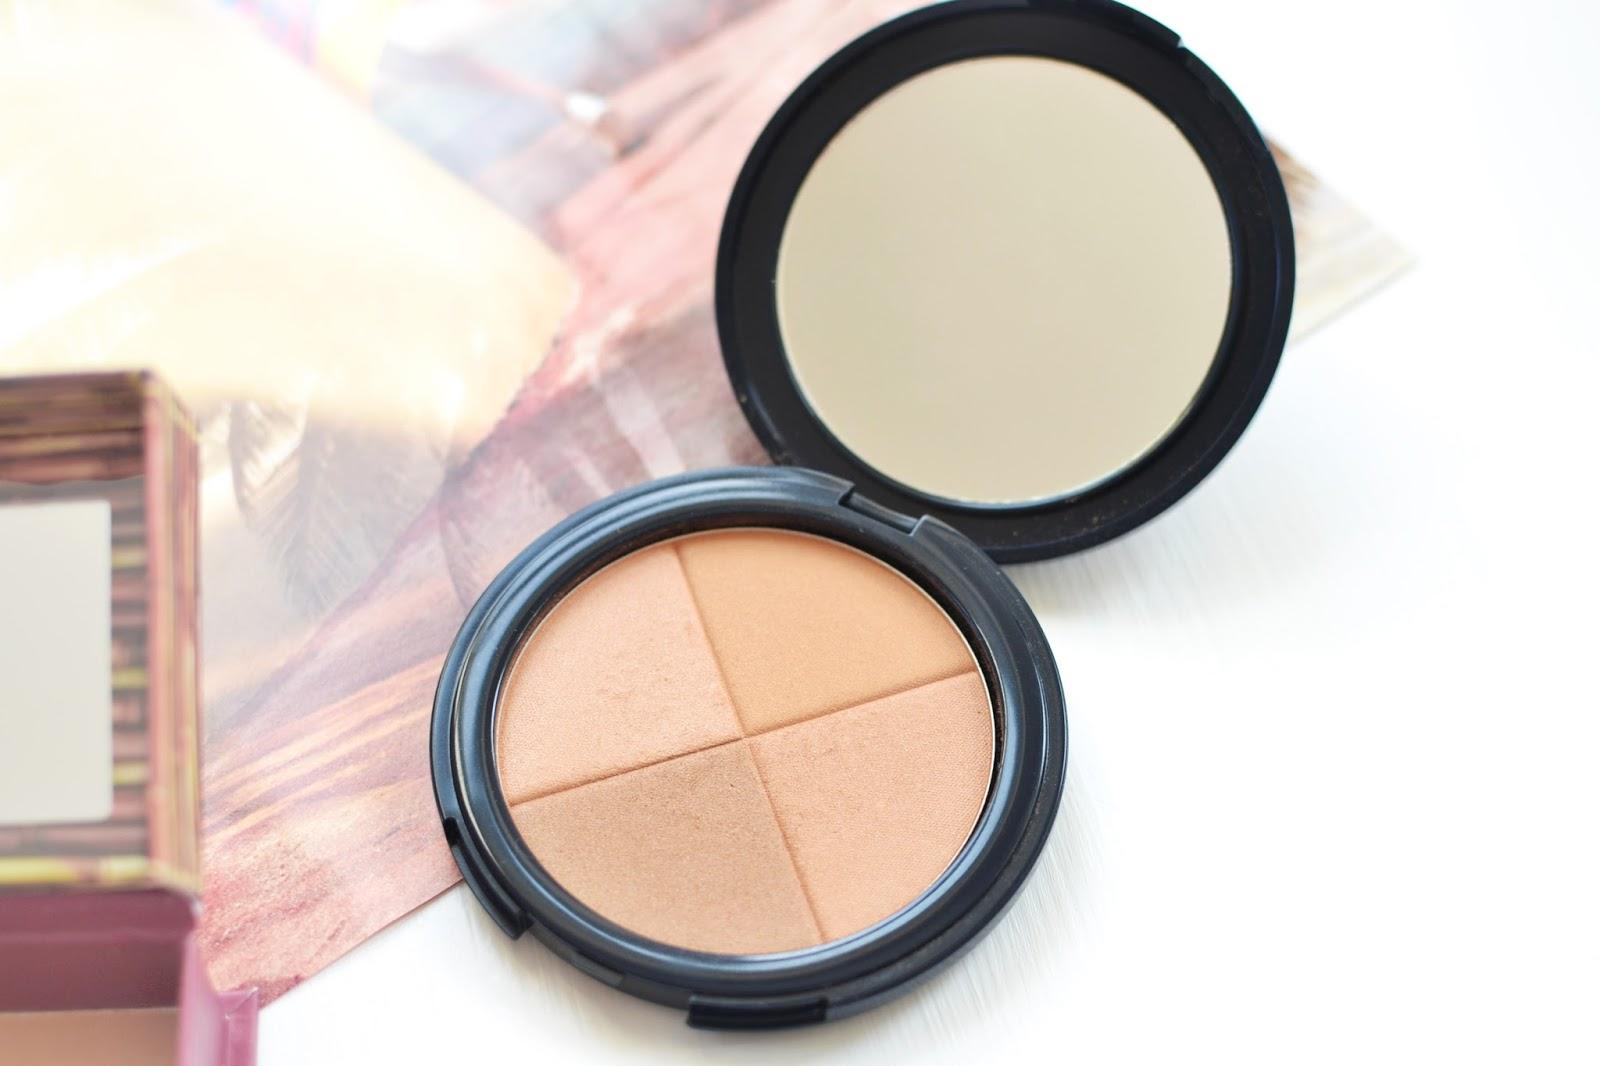 liz earle radiant glow bronzer, liz earle bronzer, best bronzing powder